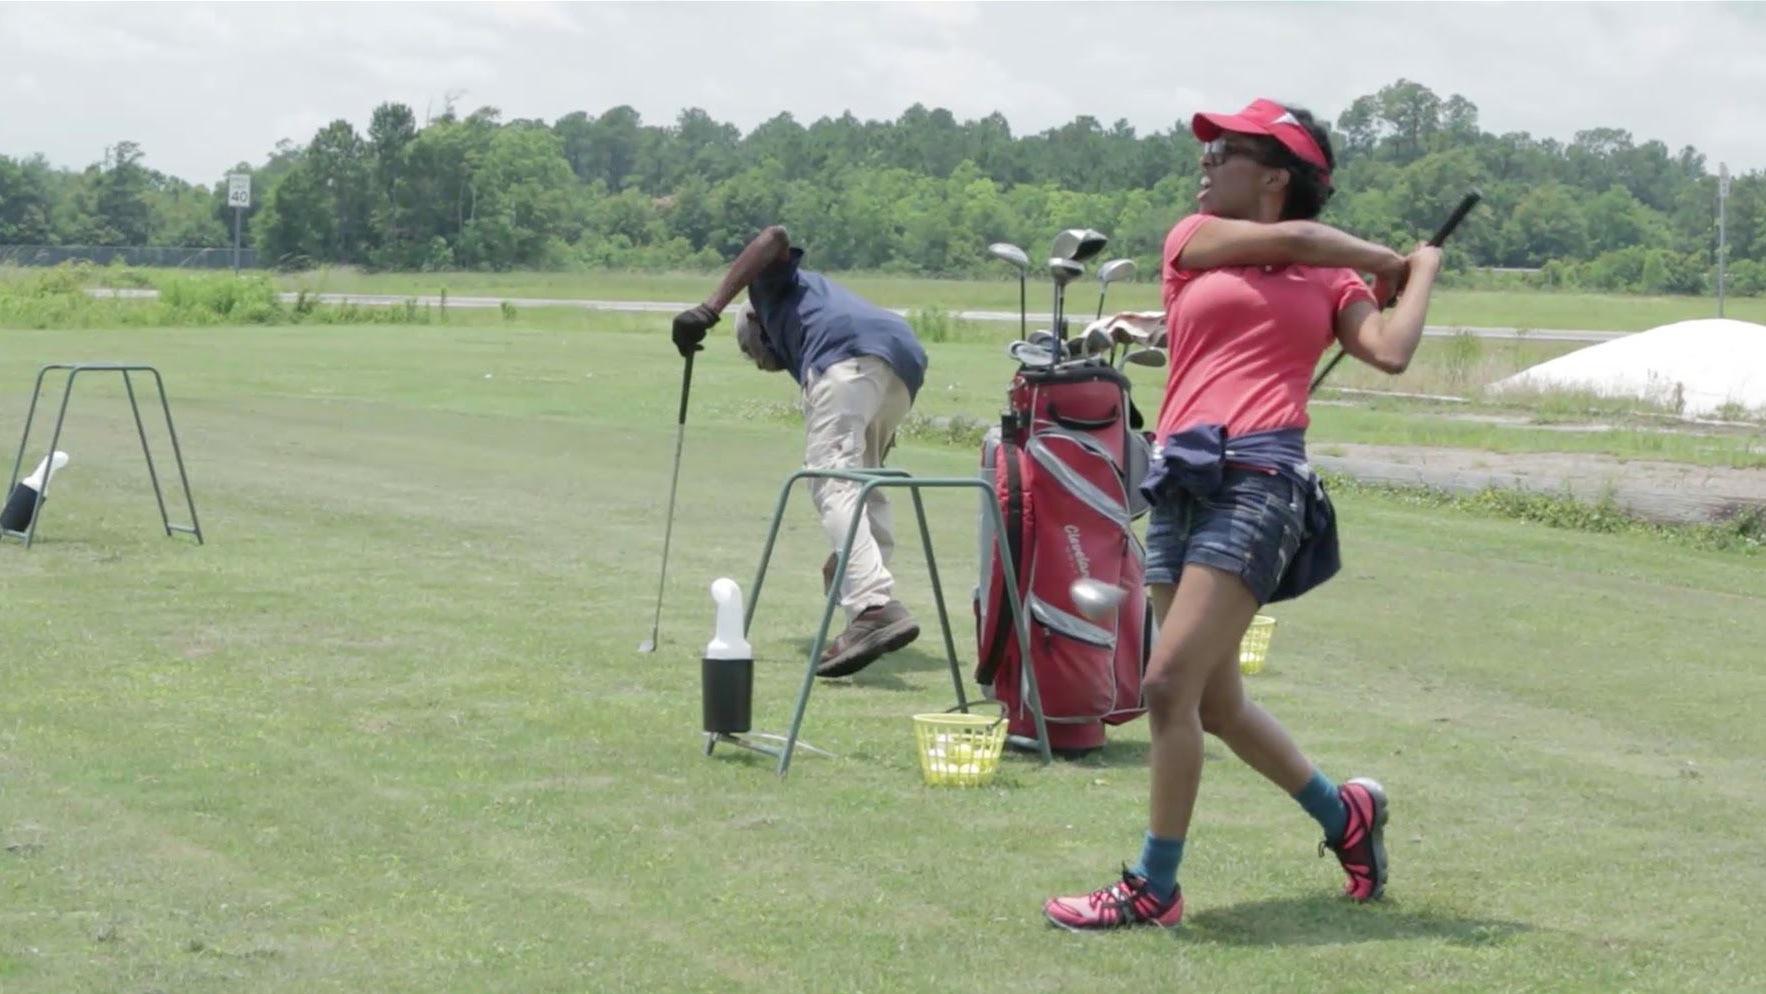 Tameka Norris playing golf